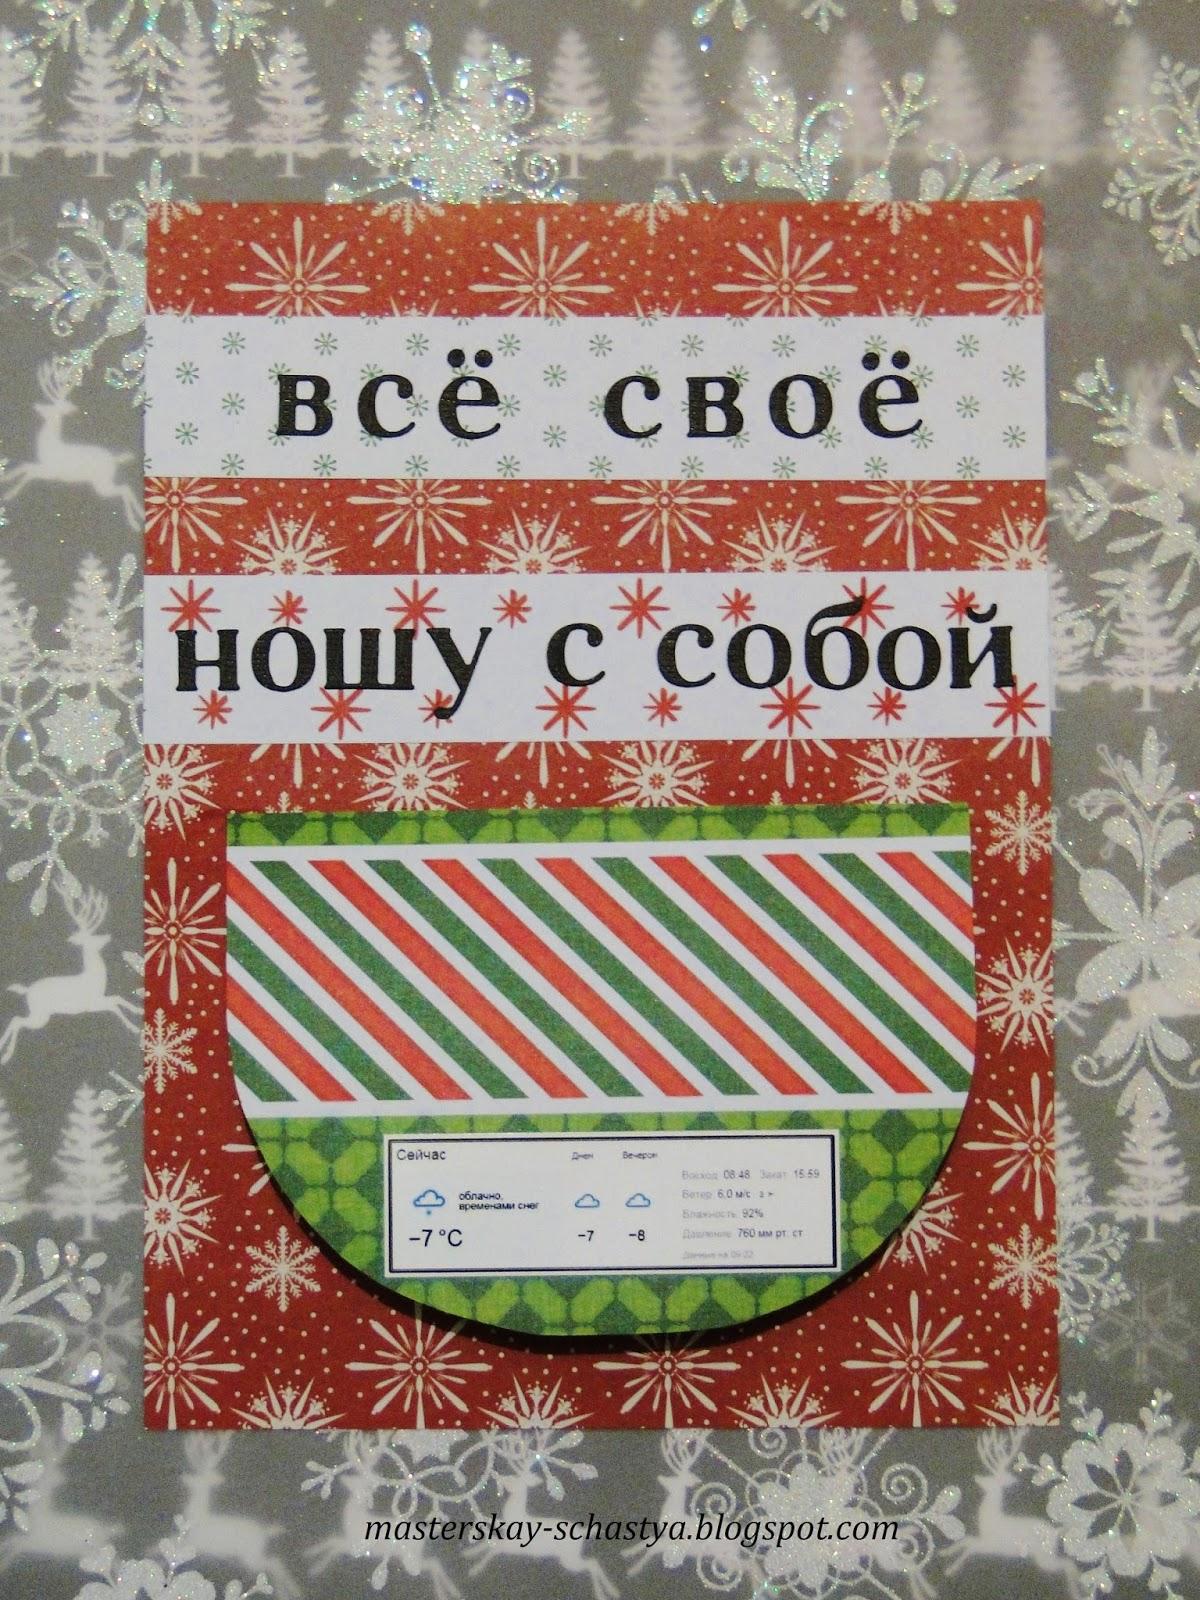 http://masterskay-schastya.blogspot.com/2014/12/december-daily-17.html